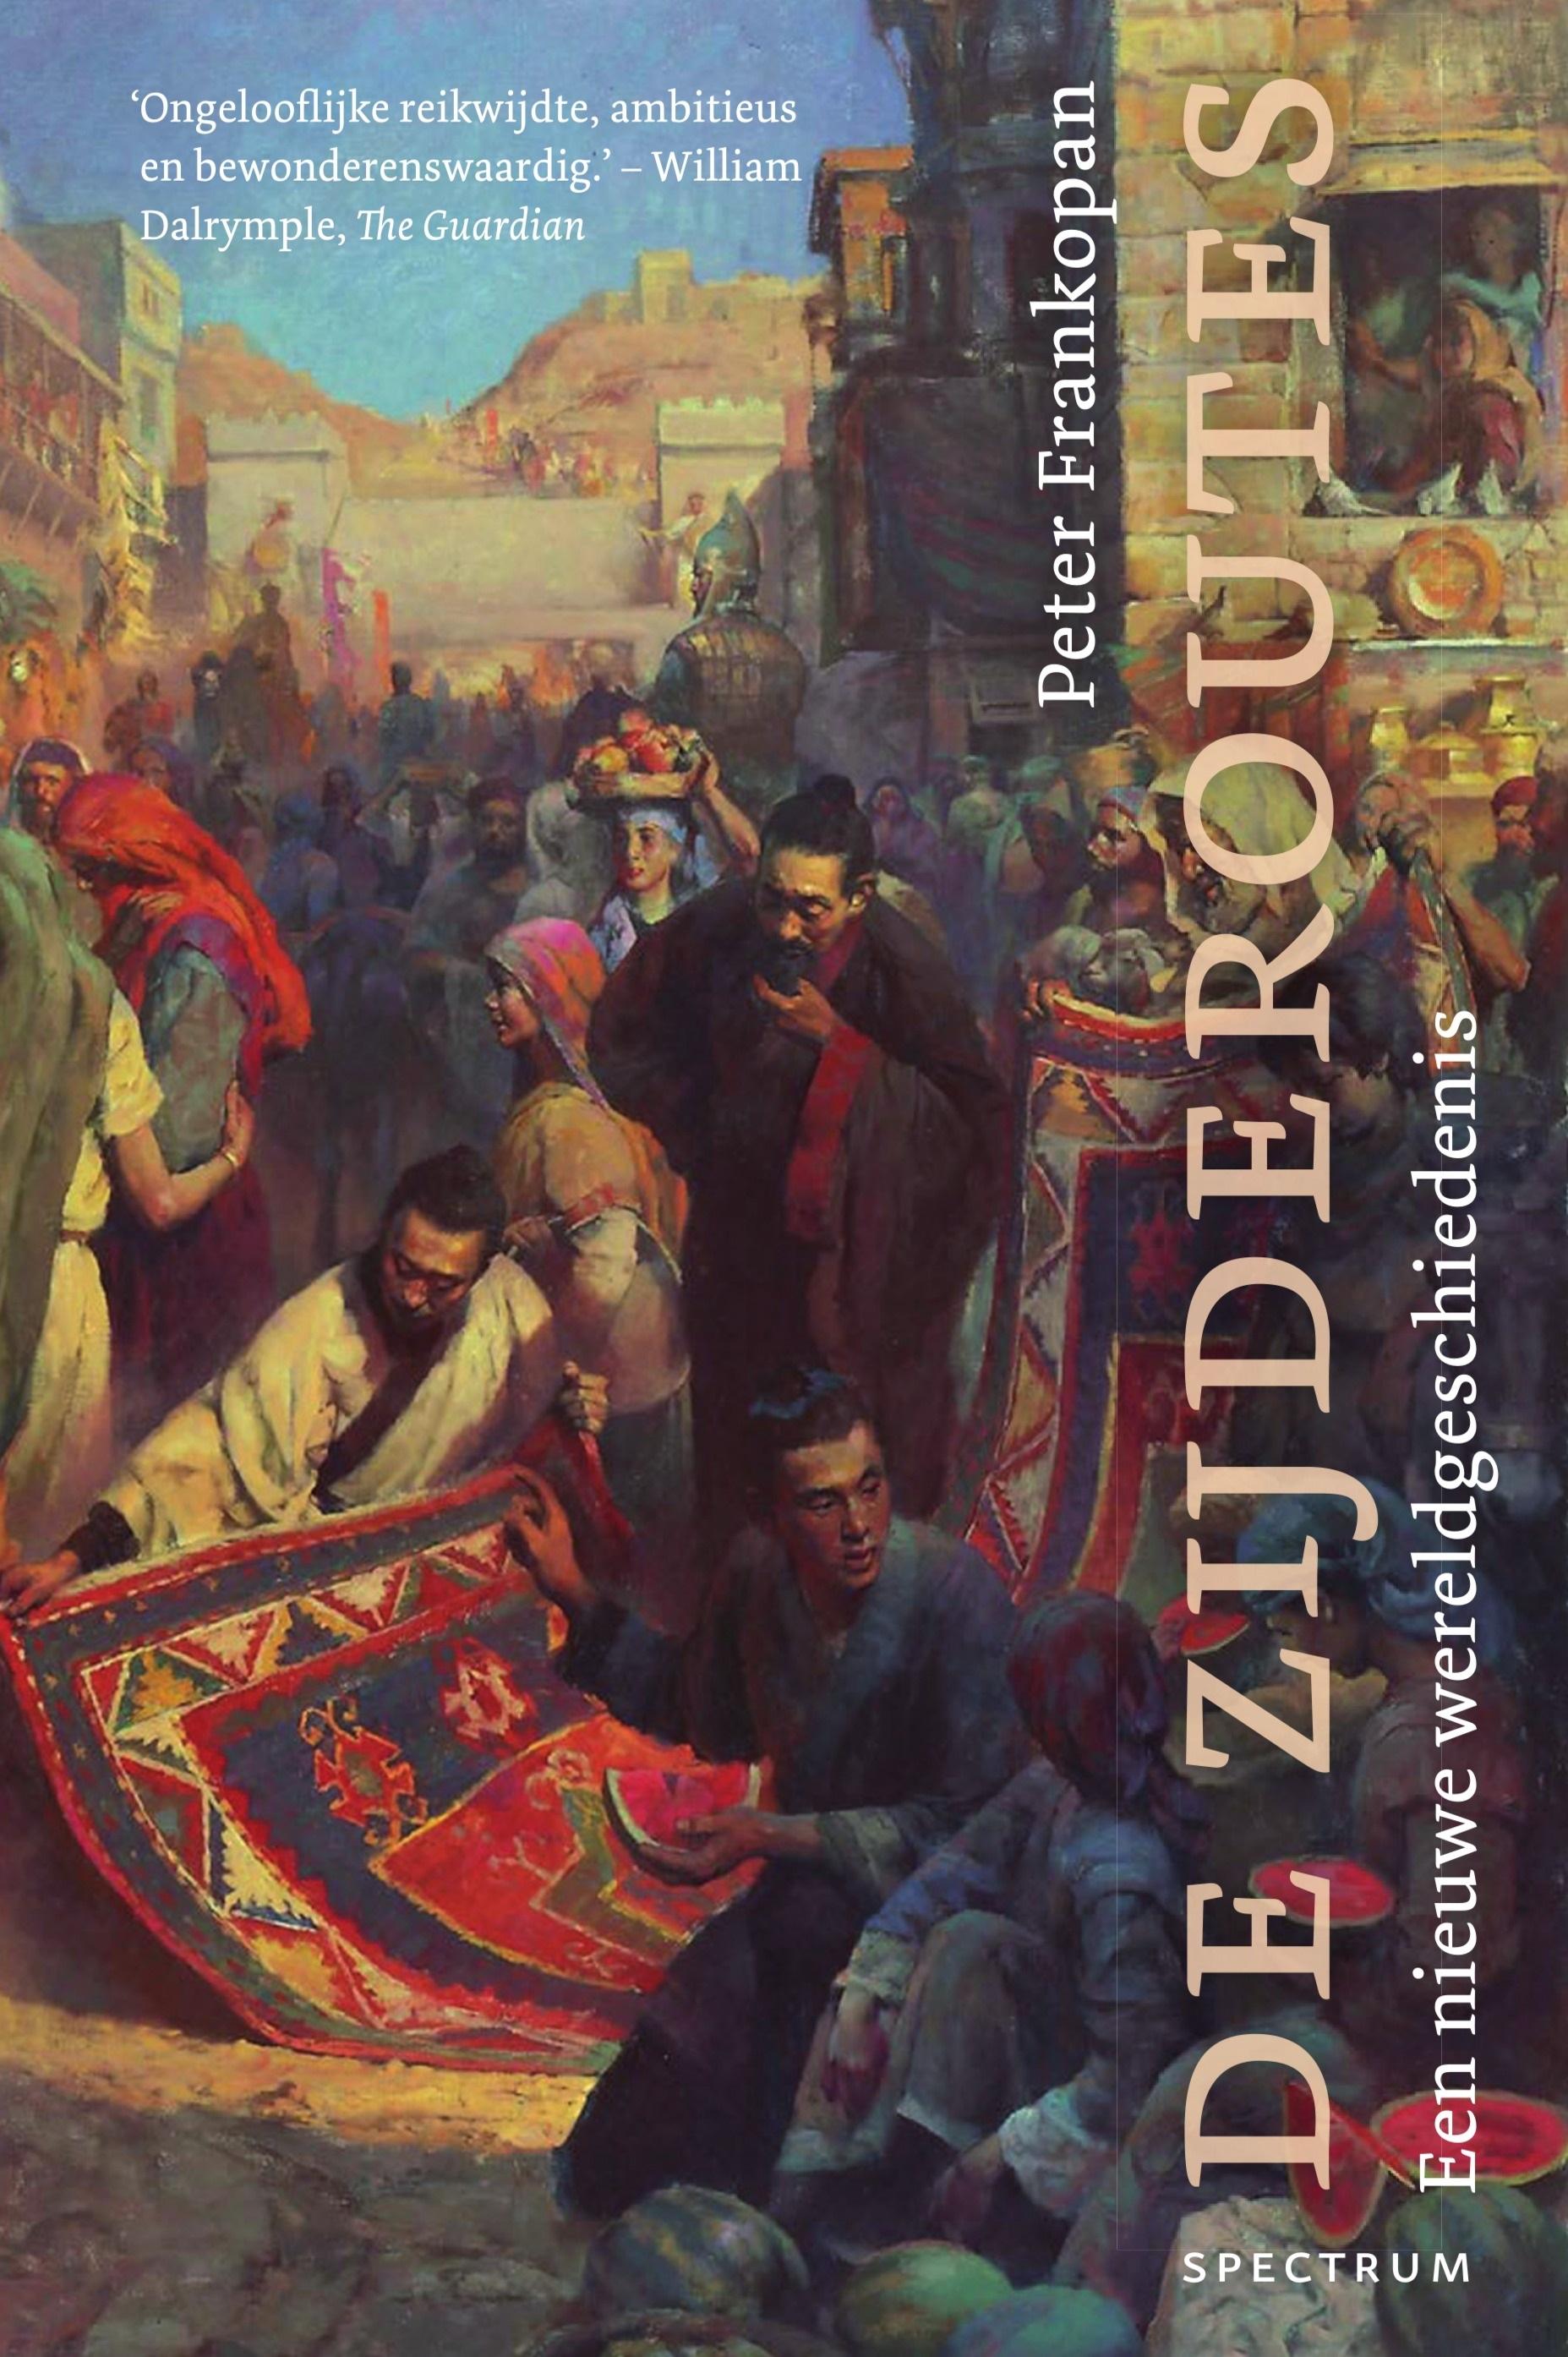 De Zijderoutes - boekrecensie